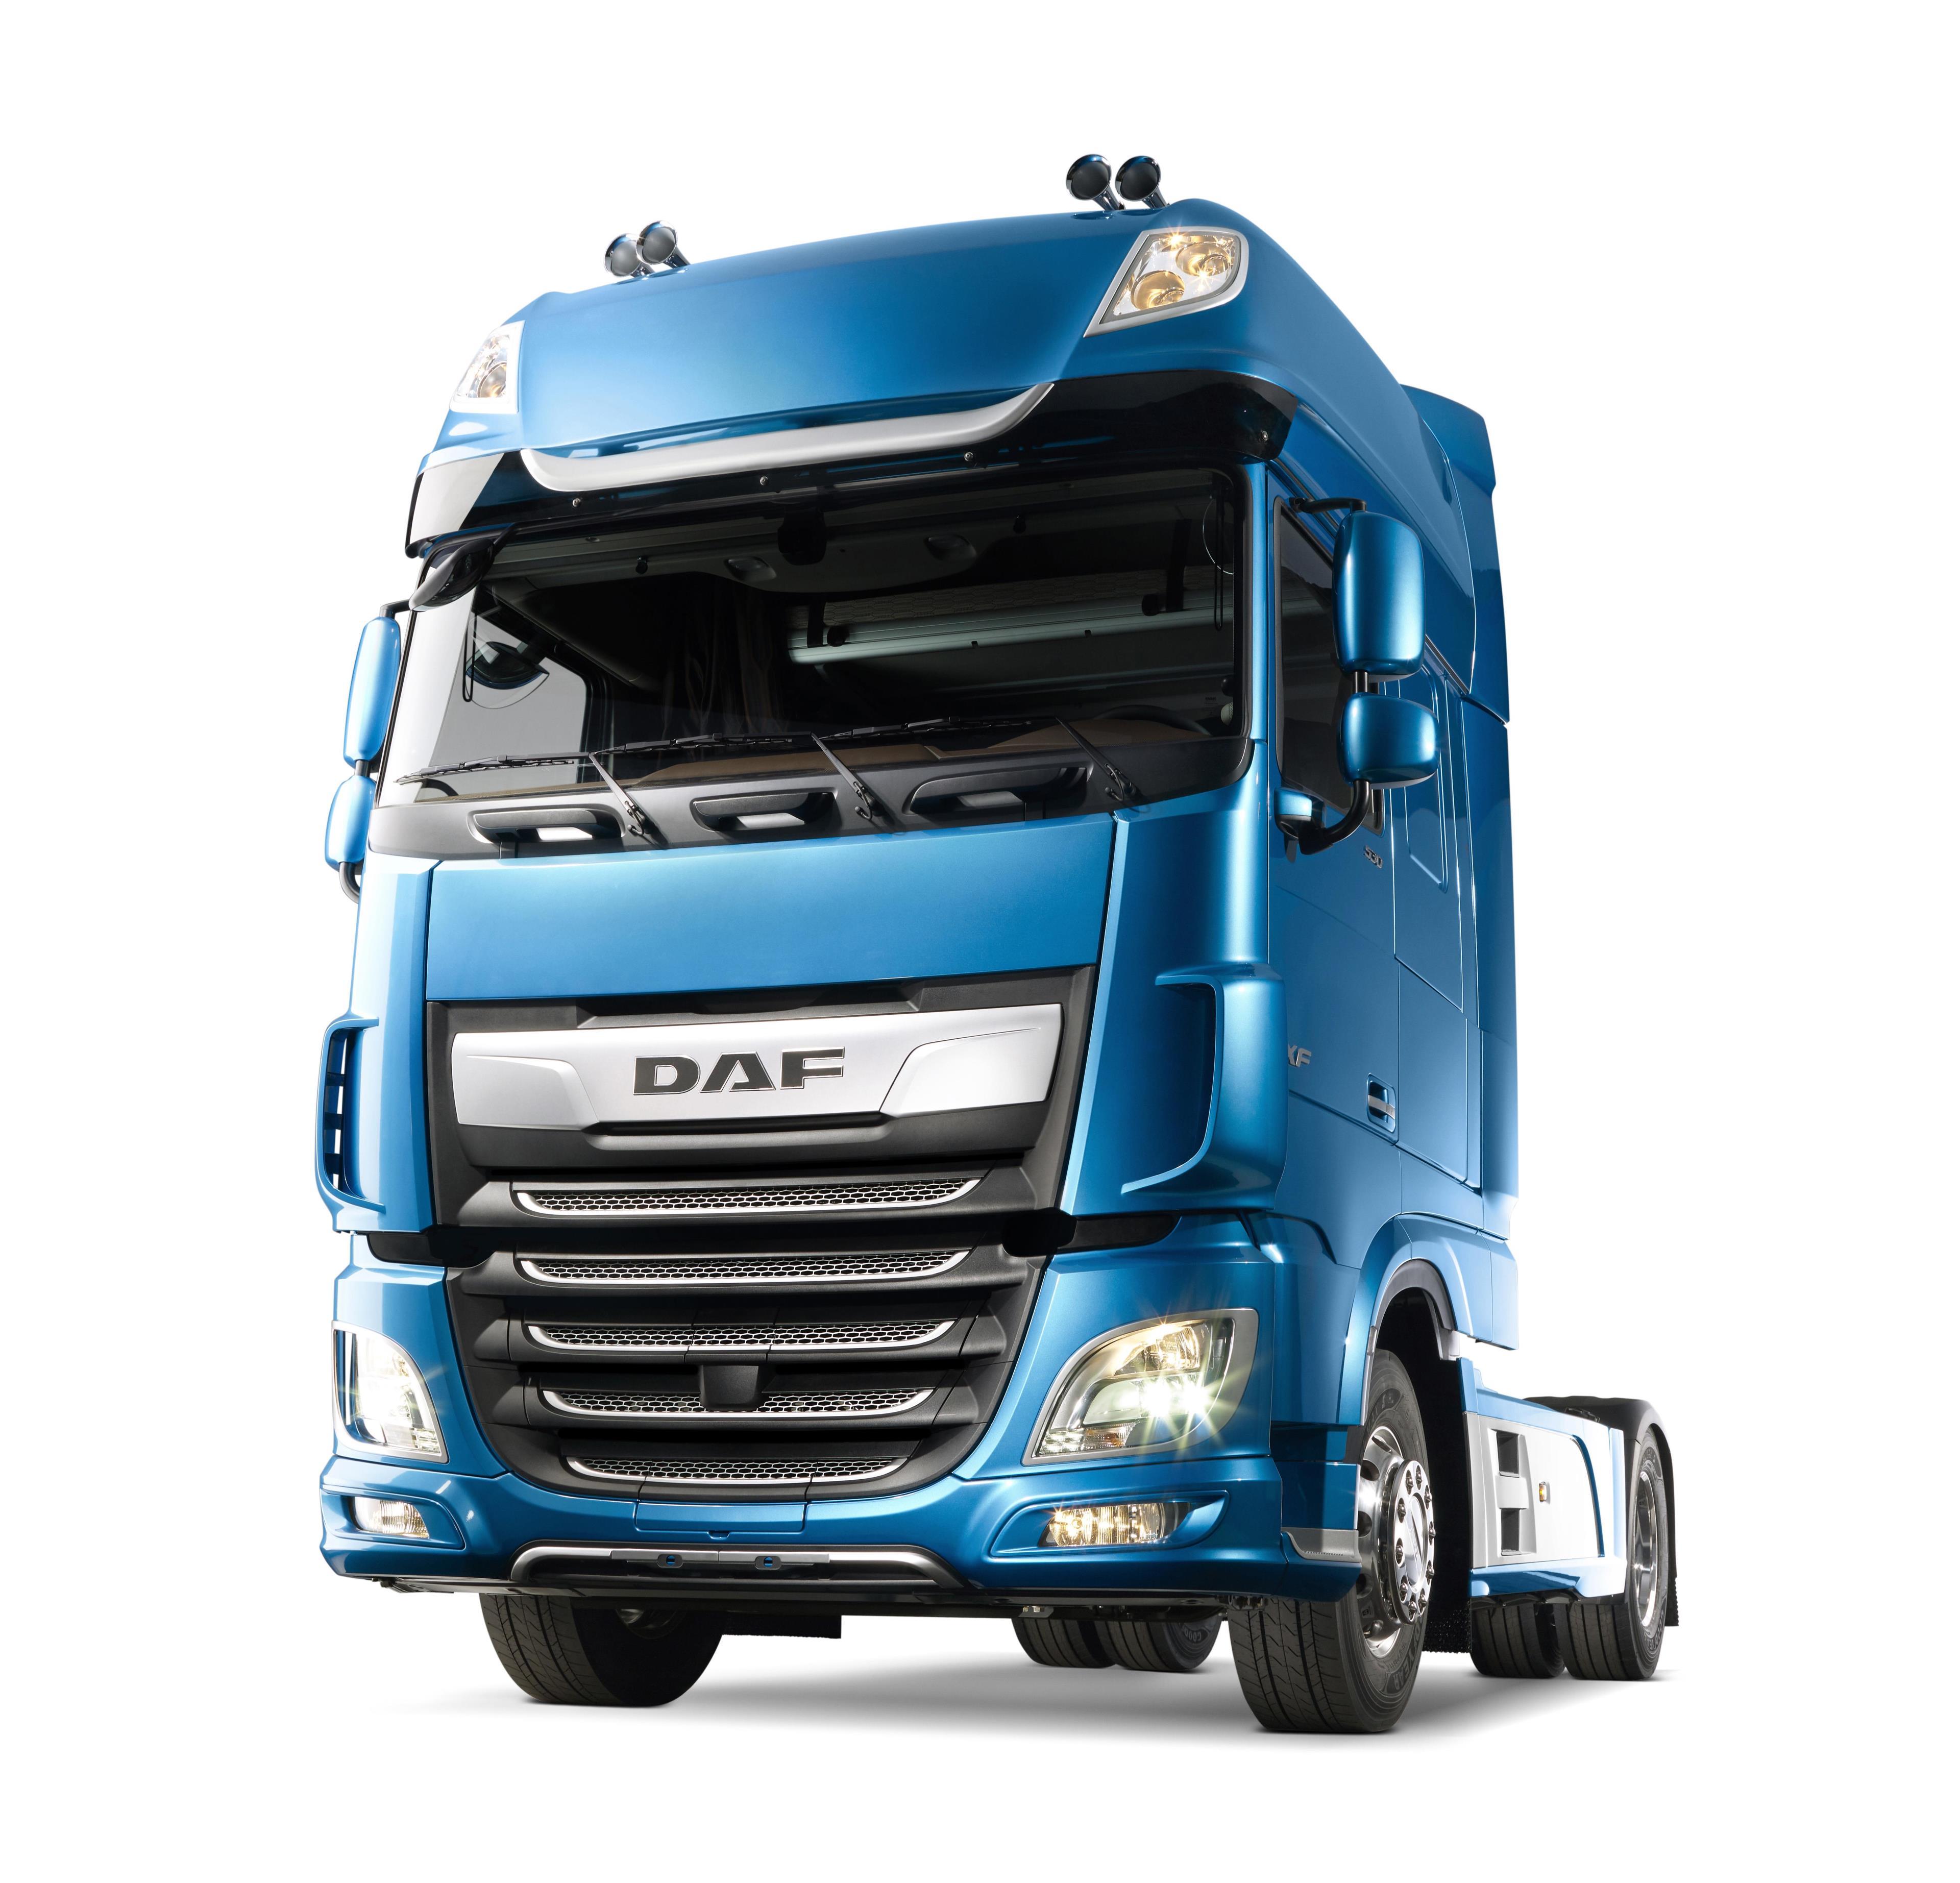 Aussendesign DAF XF  DAF Trucks Deutschland GmbH